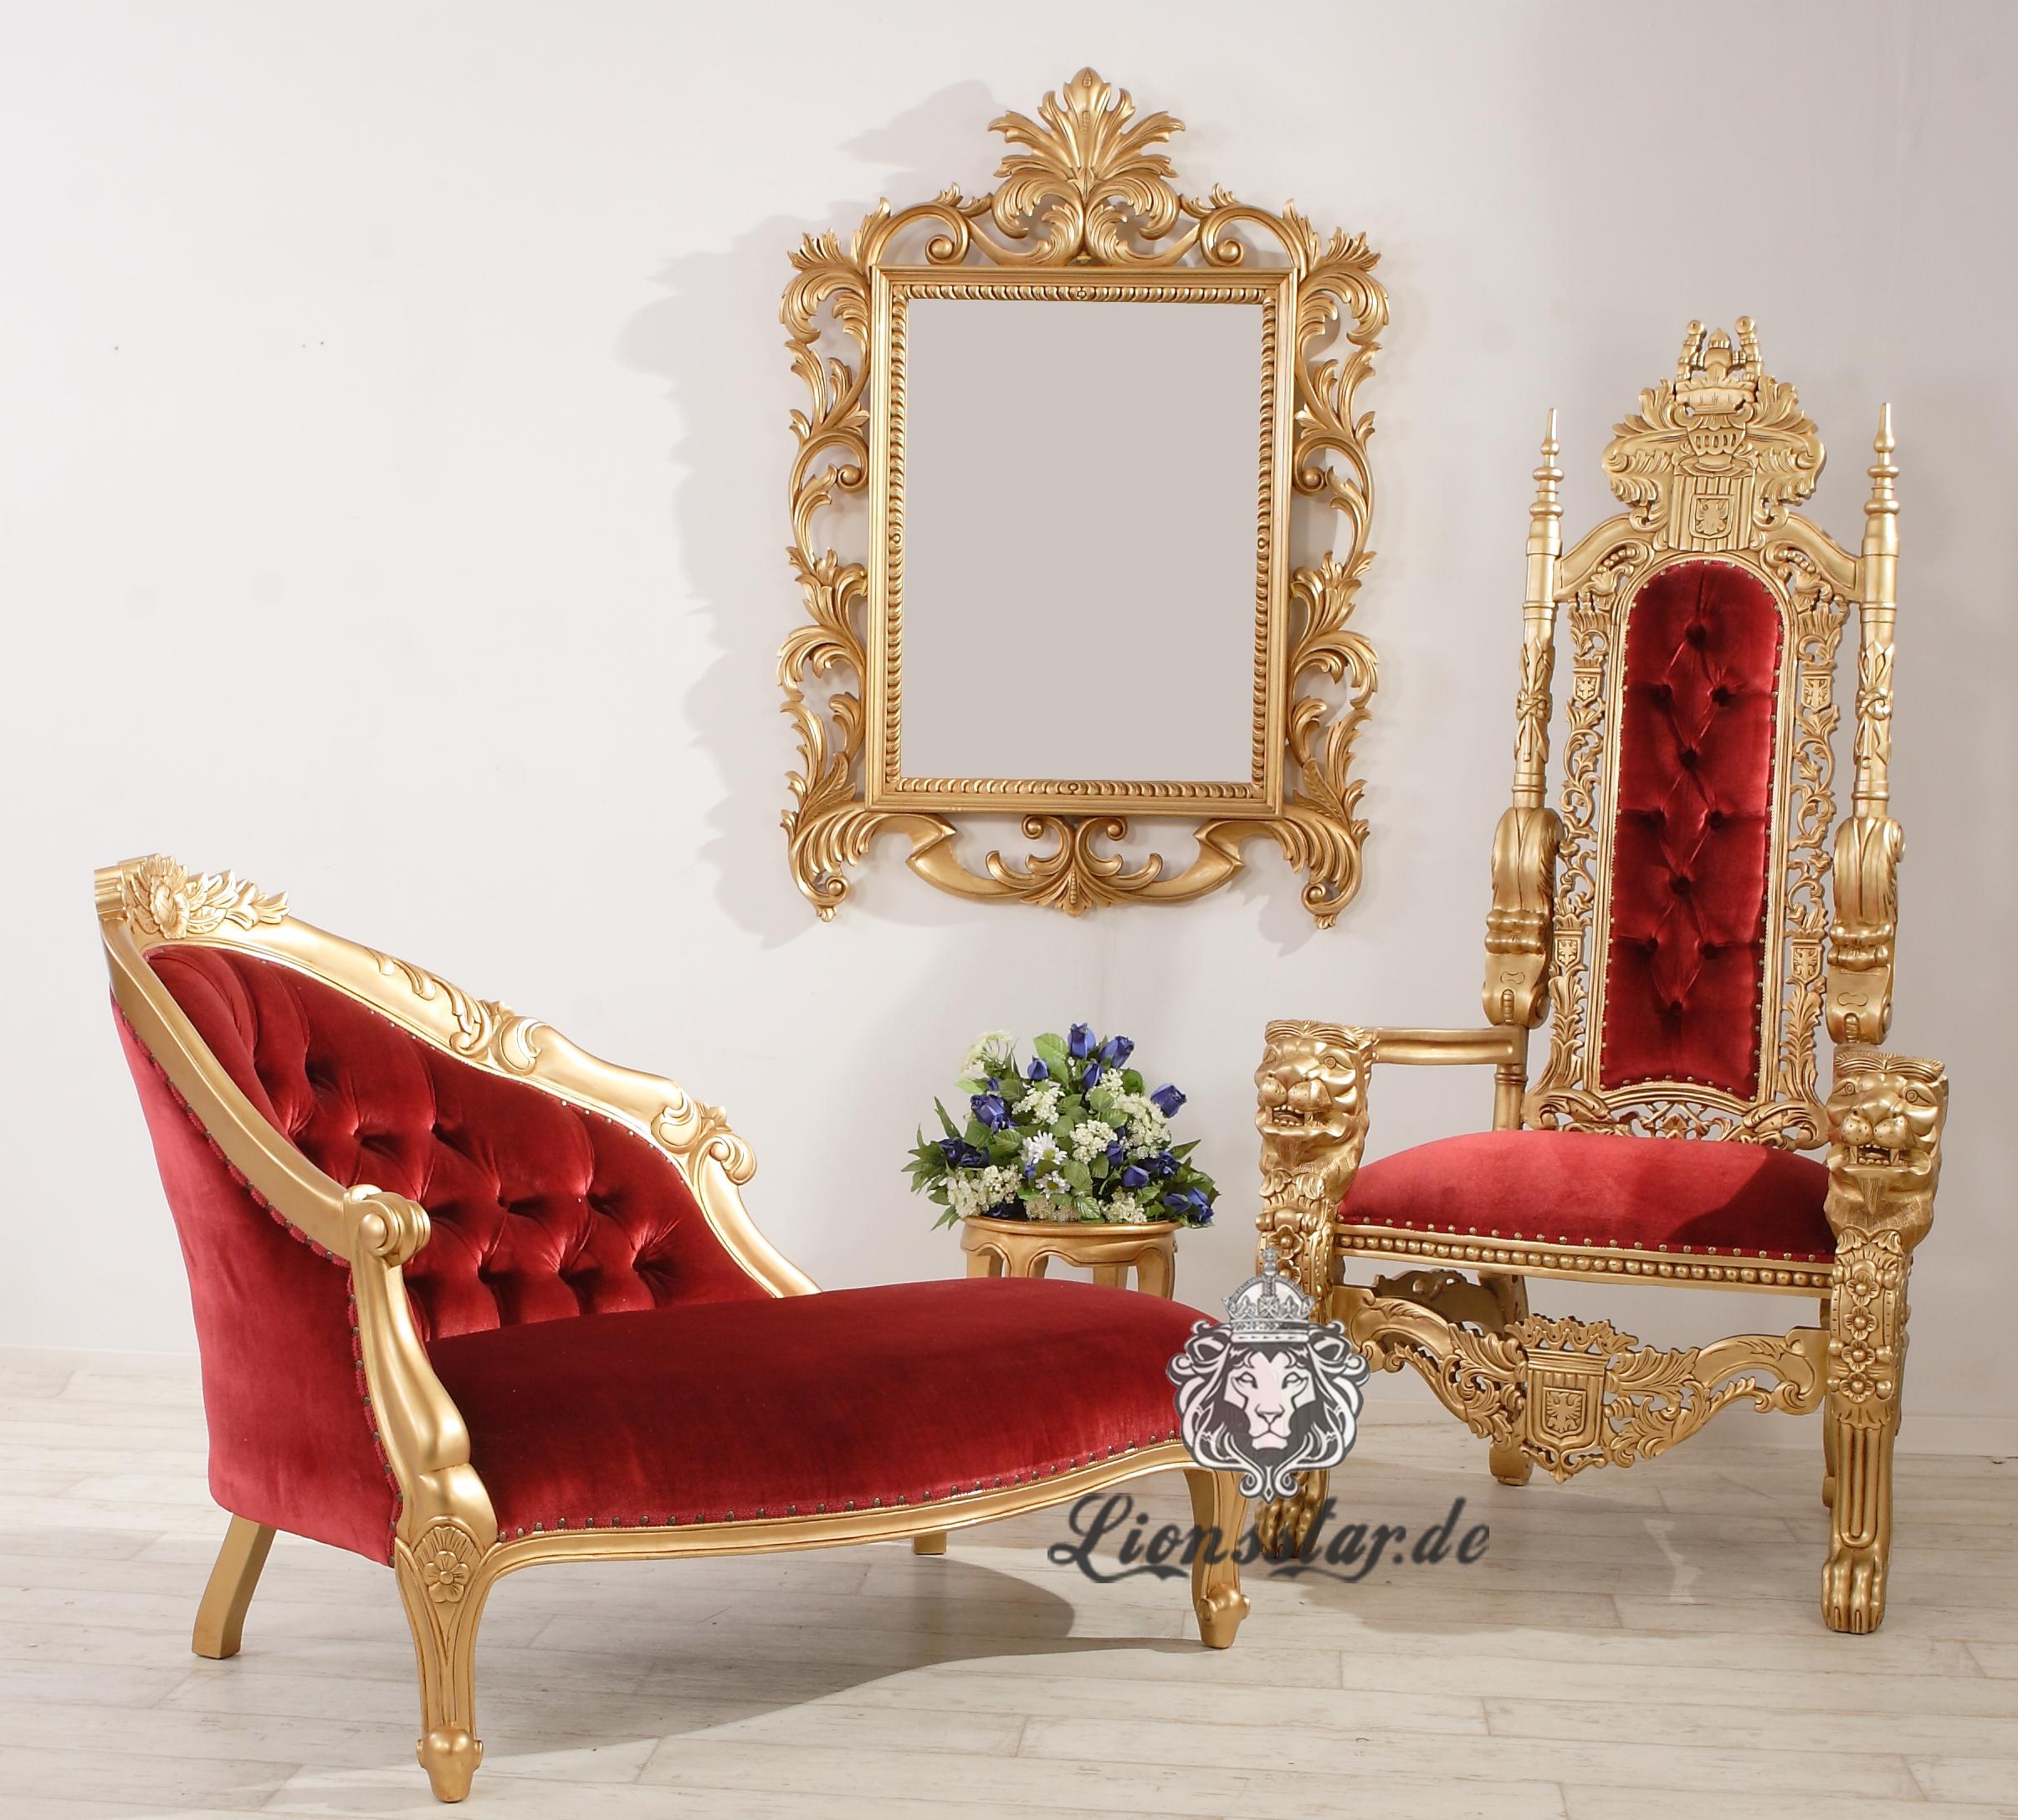 luxus recamiere rococo gold rot - Stilvoll Luxus Wohnzimmer Aufbau